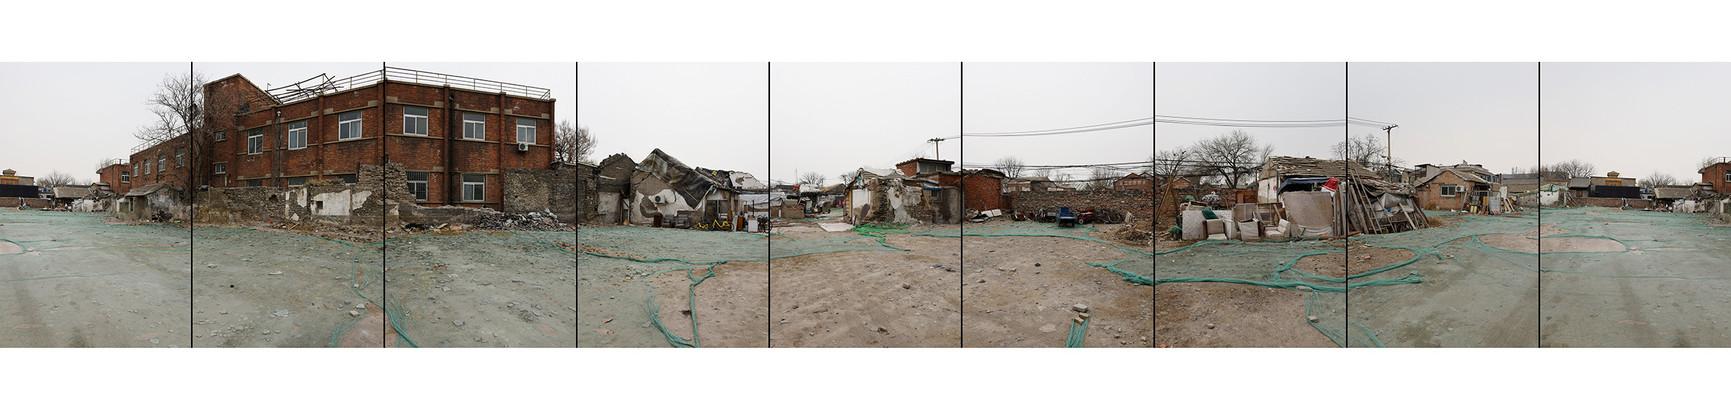 北京废墟15.jpg